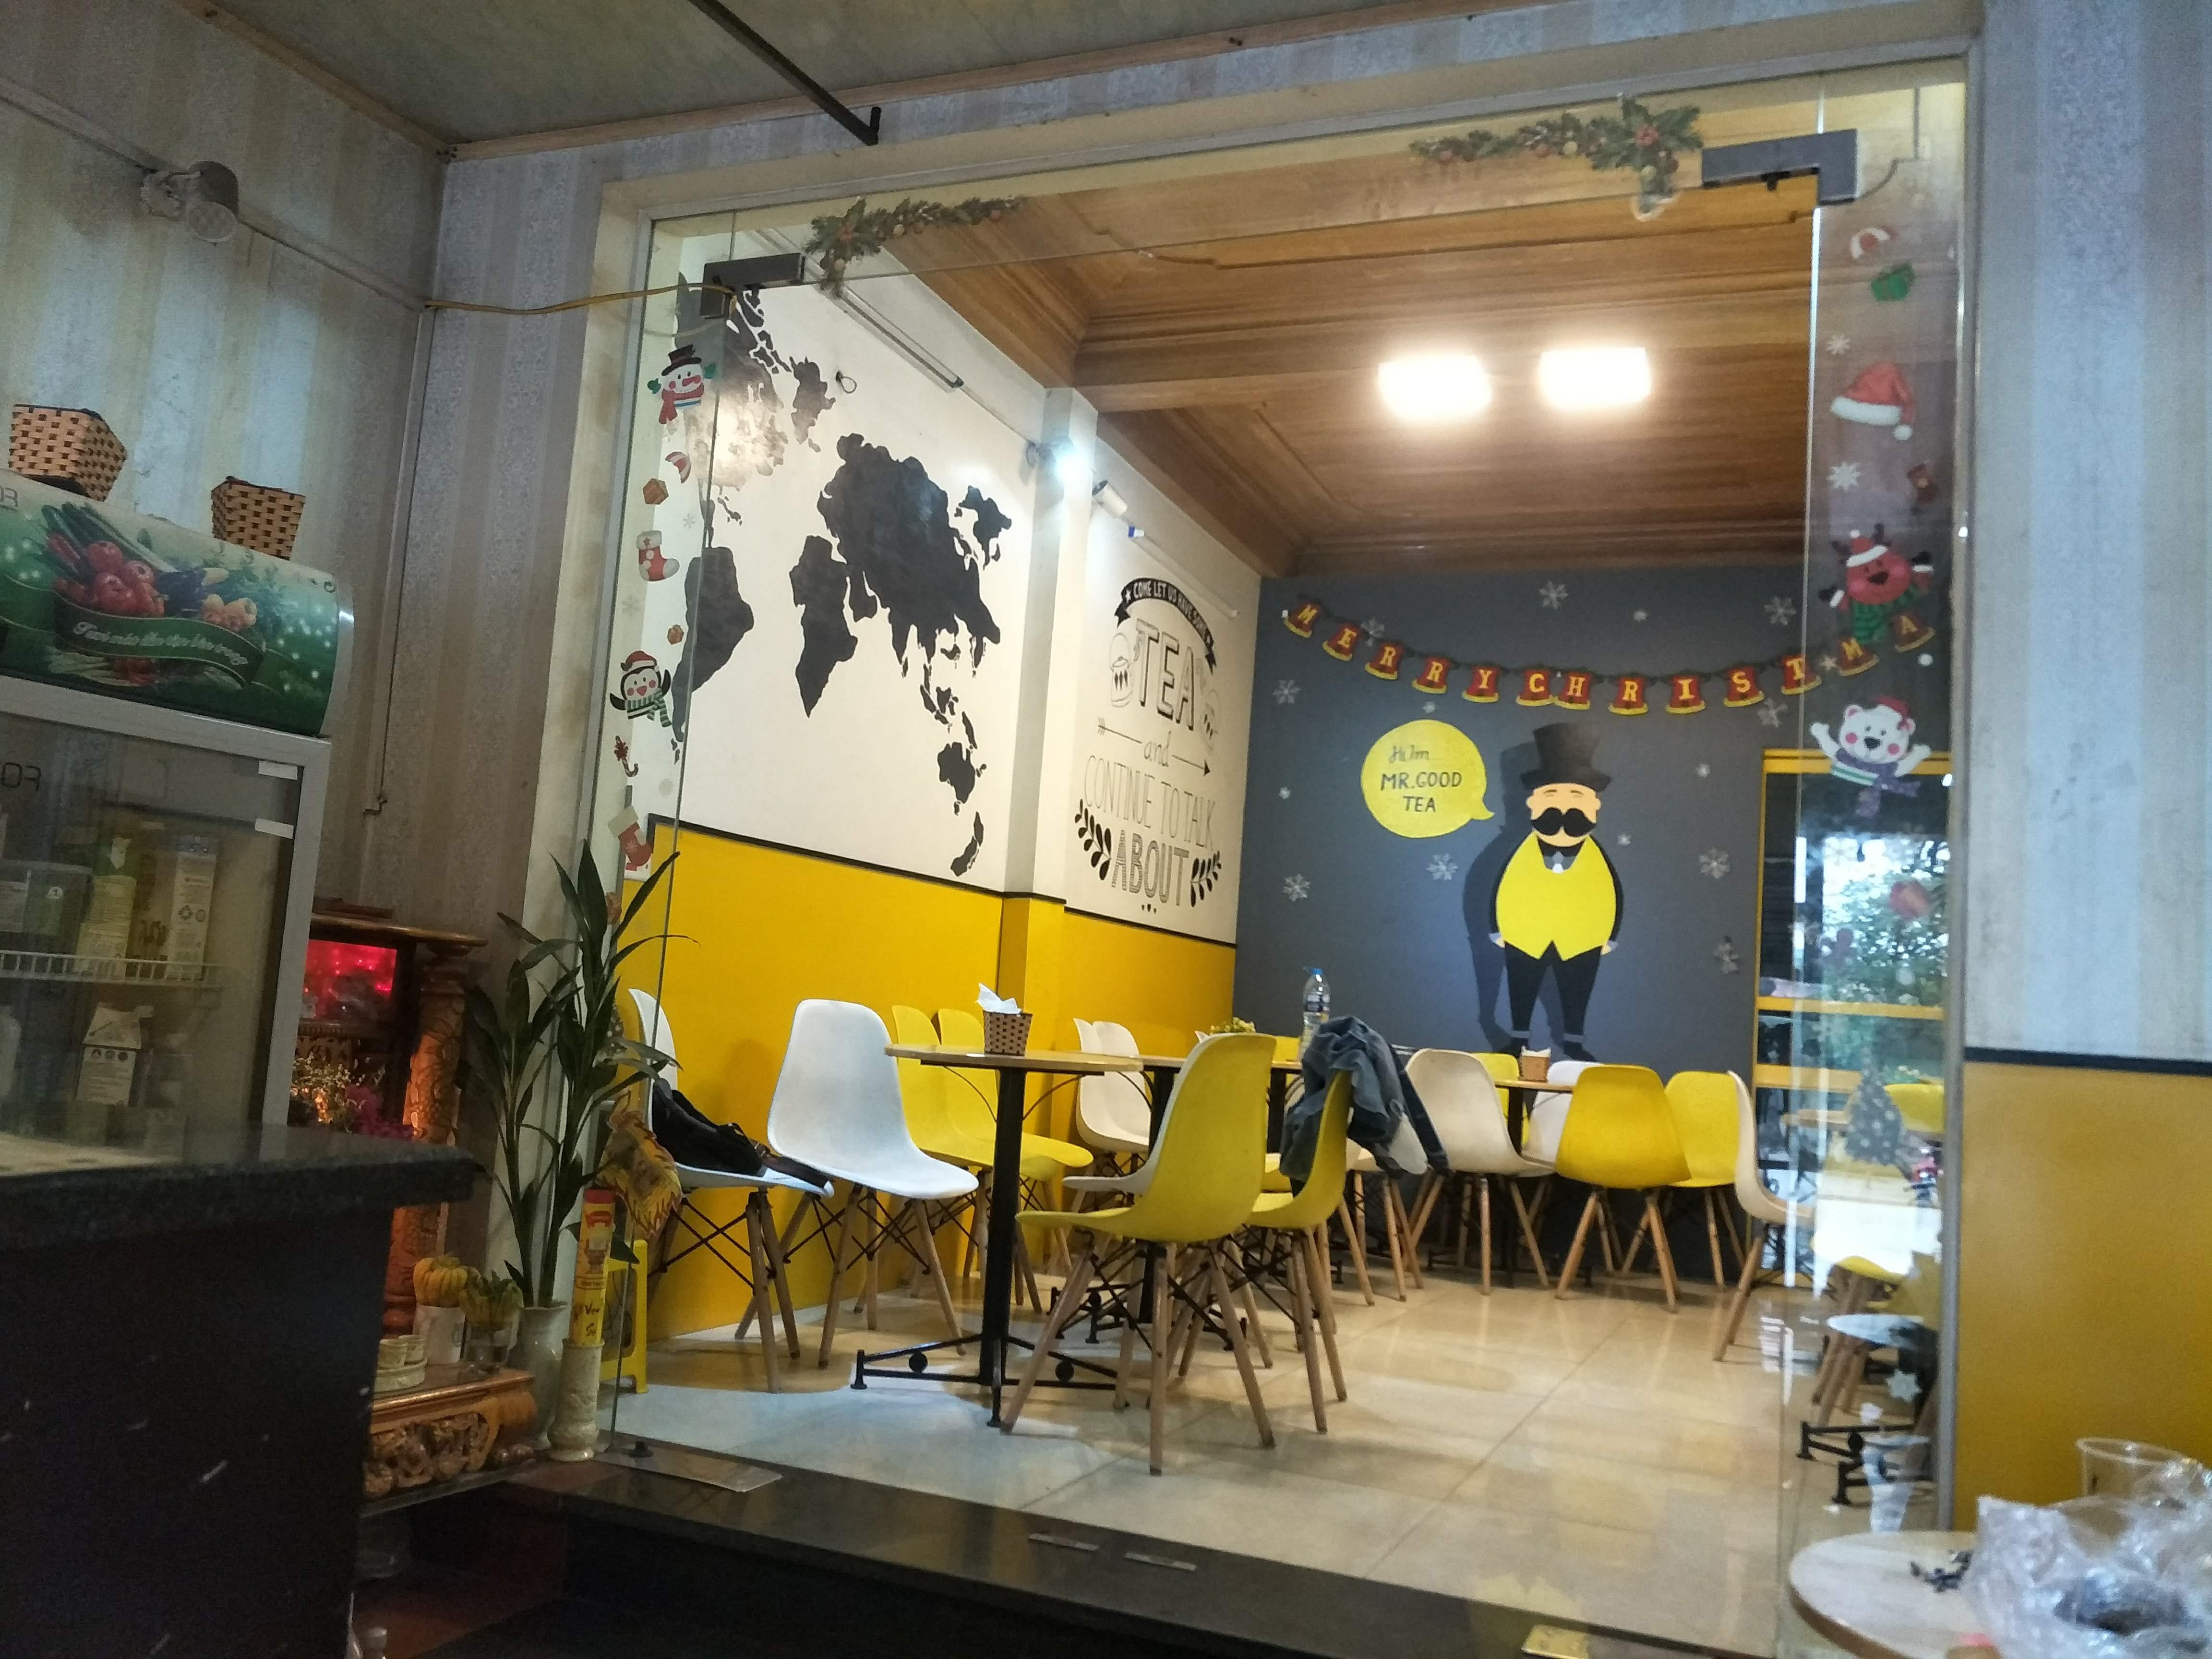 Nội Thất Đại Lợi tự hào là nhà cung cấp bàn ghế Eames cho Mr Good Tea Quán Toan, Hải Phòng